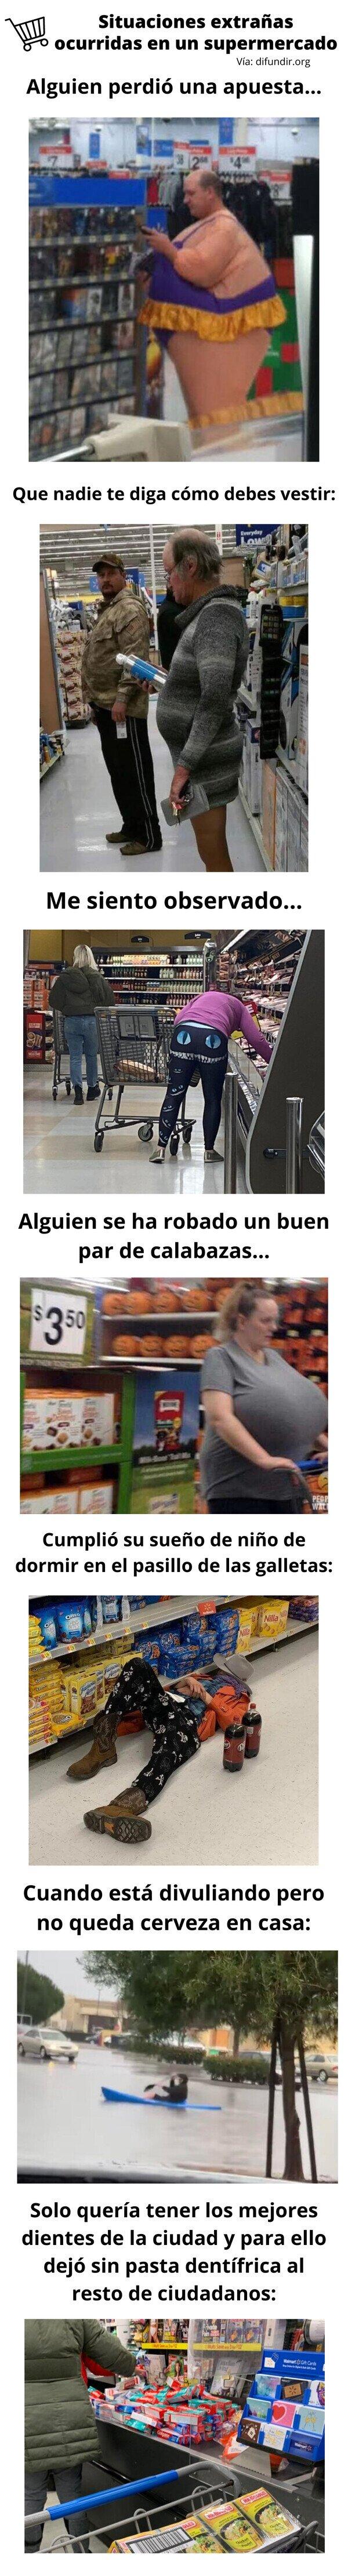 Meme_otros - Situaciones extrañas ocurridas en un supermercado